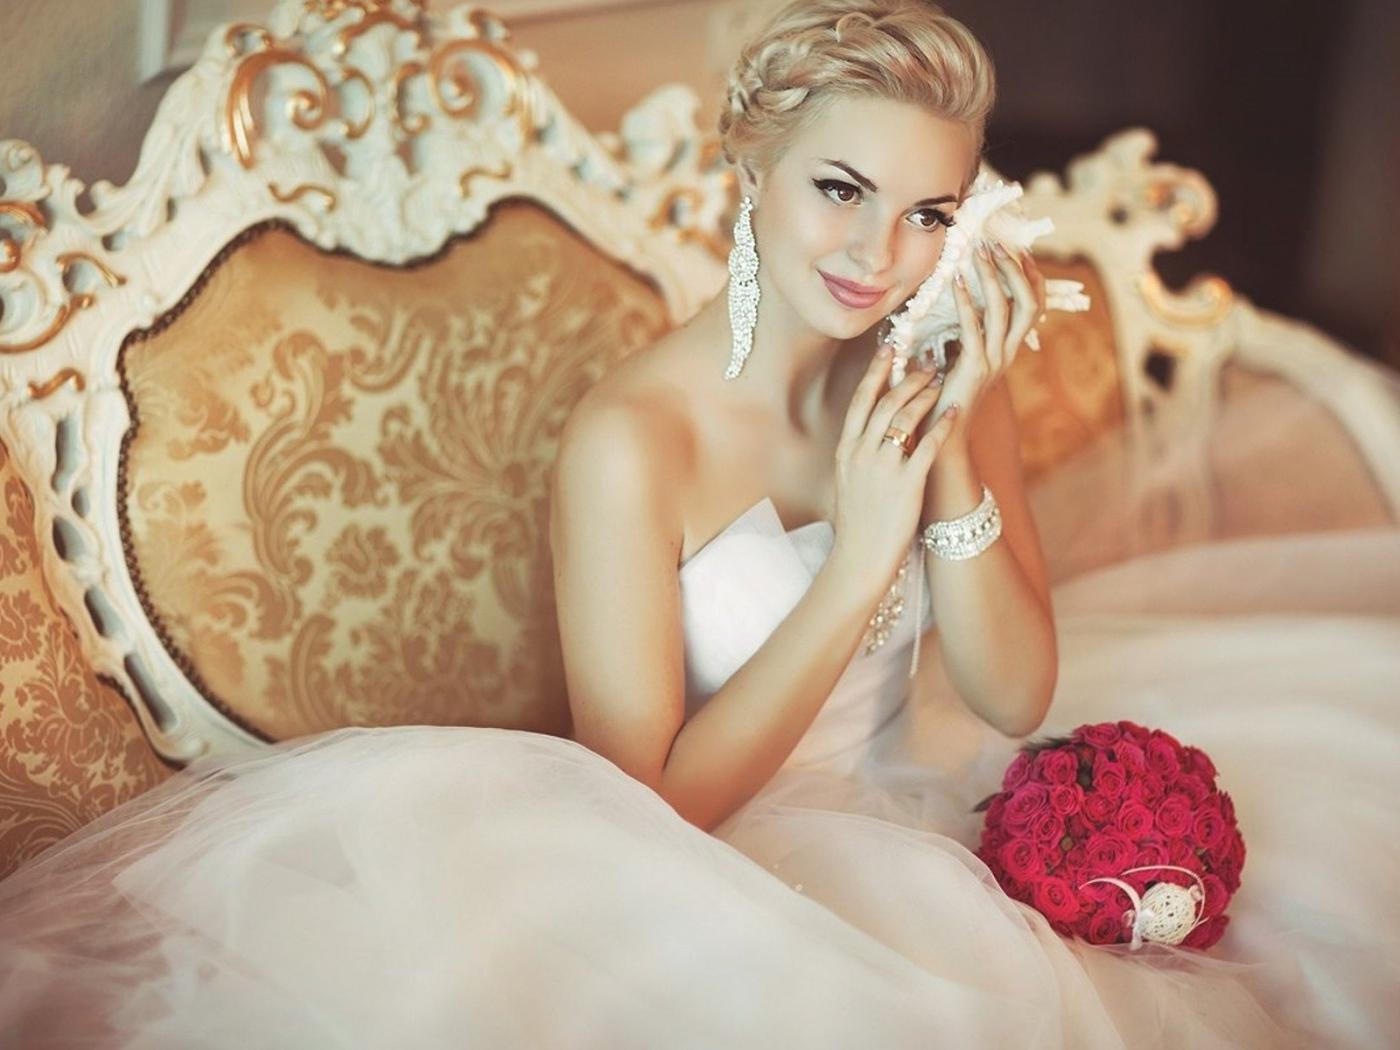 Смотреть порно зрелых женщин в свадебных платьях 24 фотография